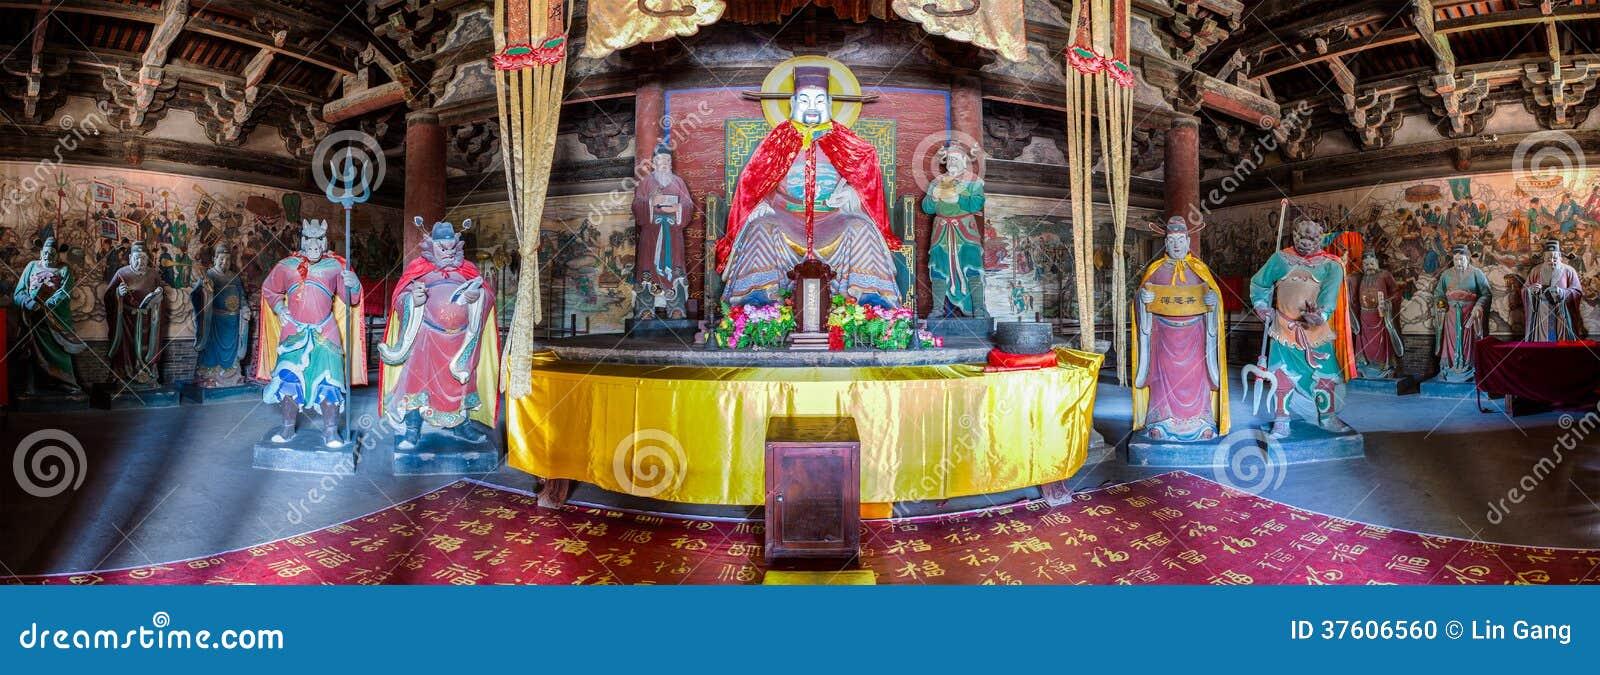 Бог города и его антураж покрасили скульптуры глины в виске бога города